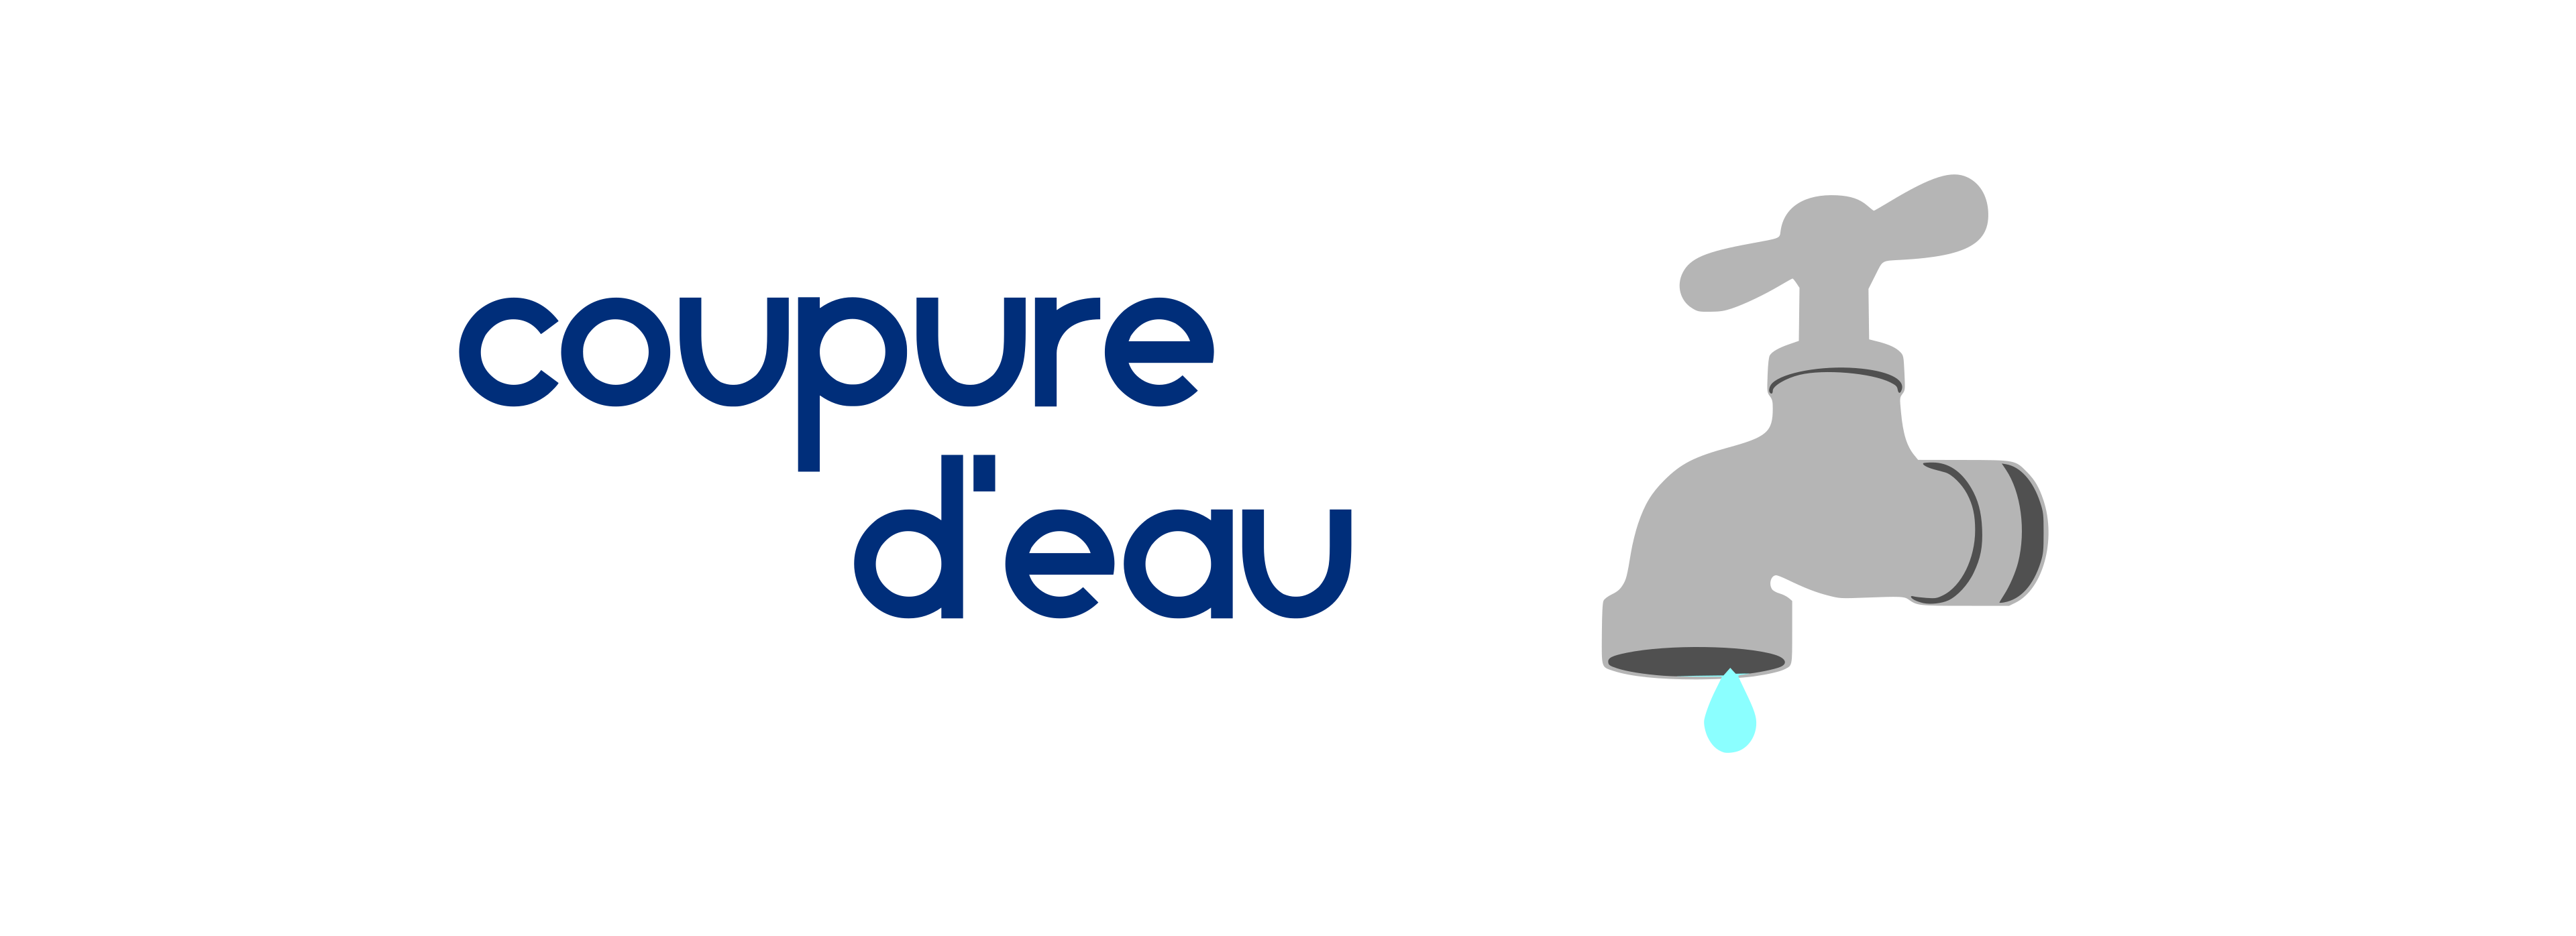 28/07/2021 : Coupure de l'alimentation en eau potable, Boulevard Sirius à MONCE EN BELIN